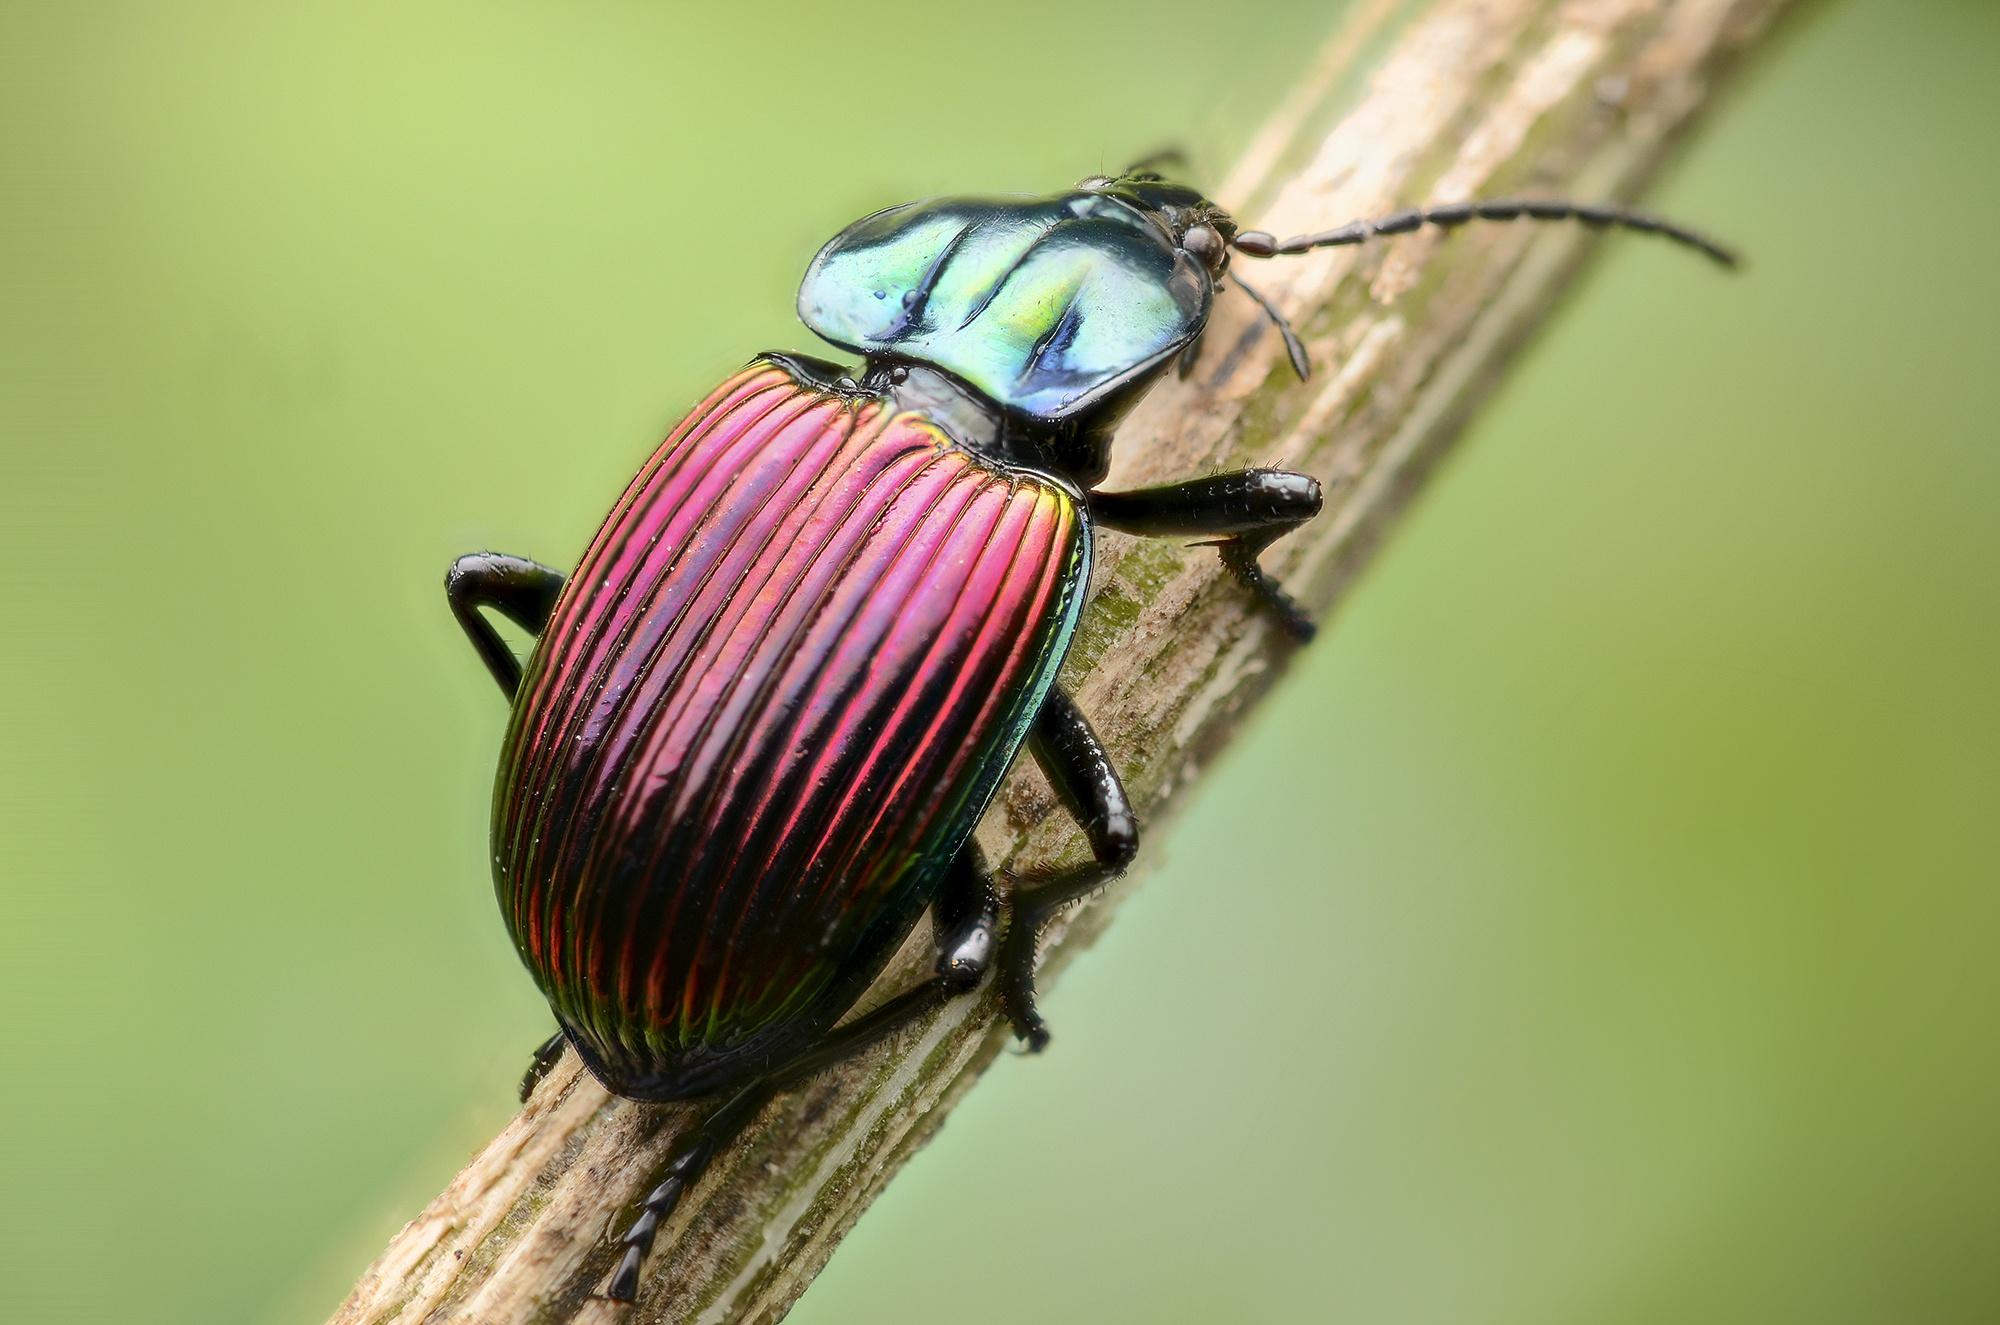 нашем жуки картинки макросъемка растр программа